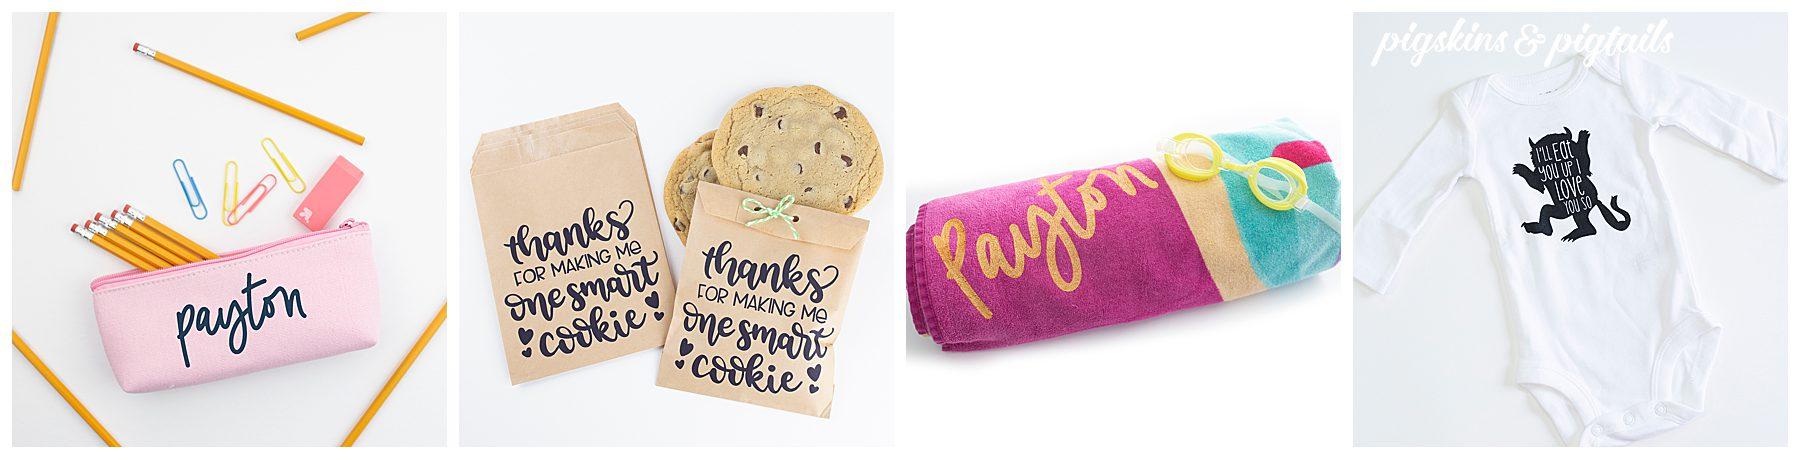 speedball screen printing pencil case paper bags towel onesie